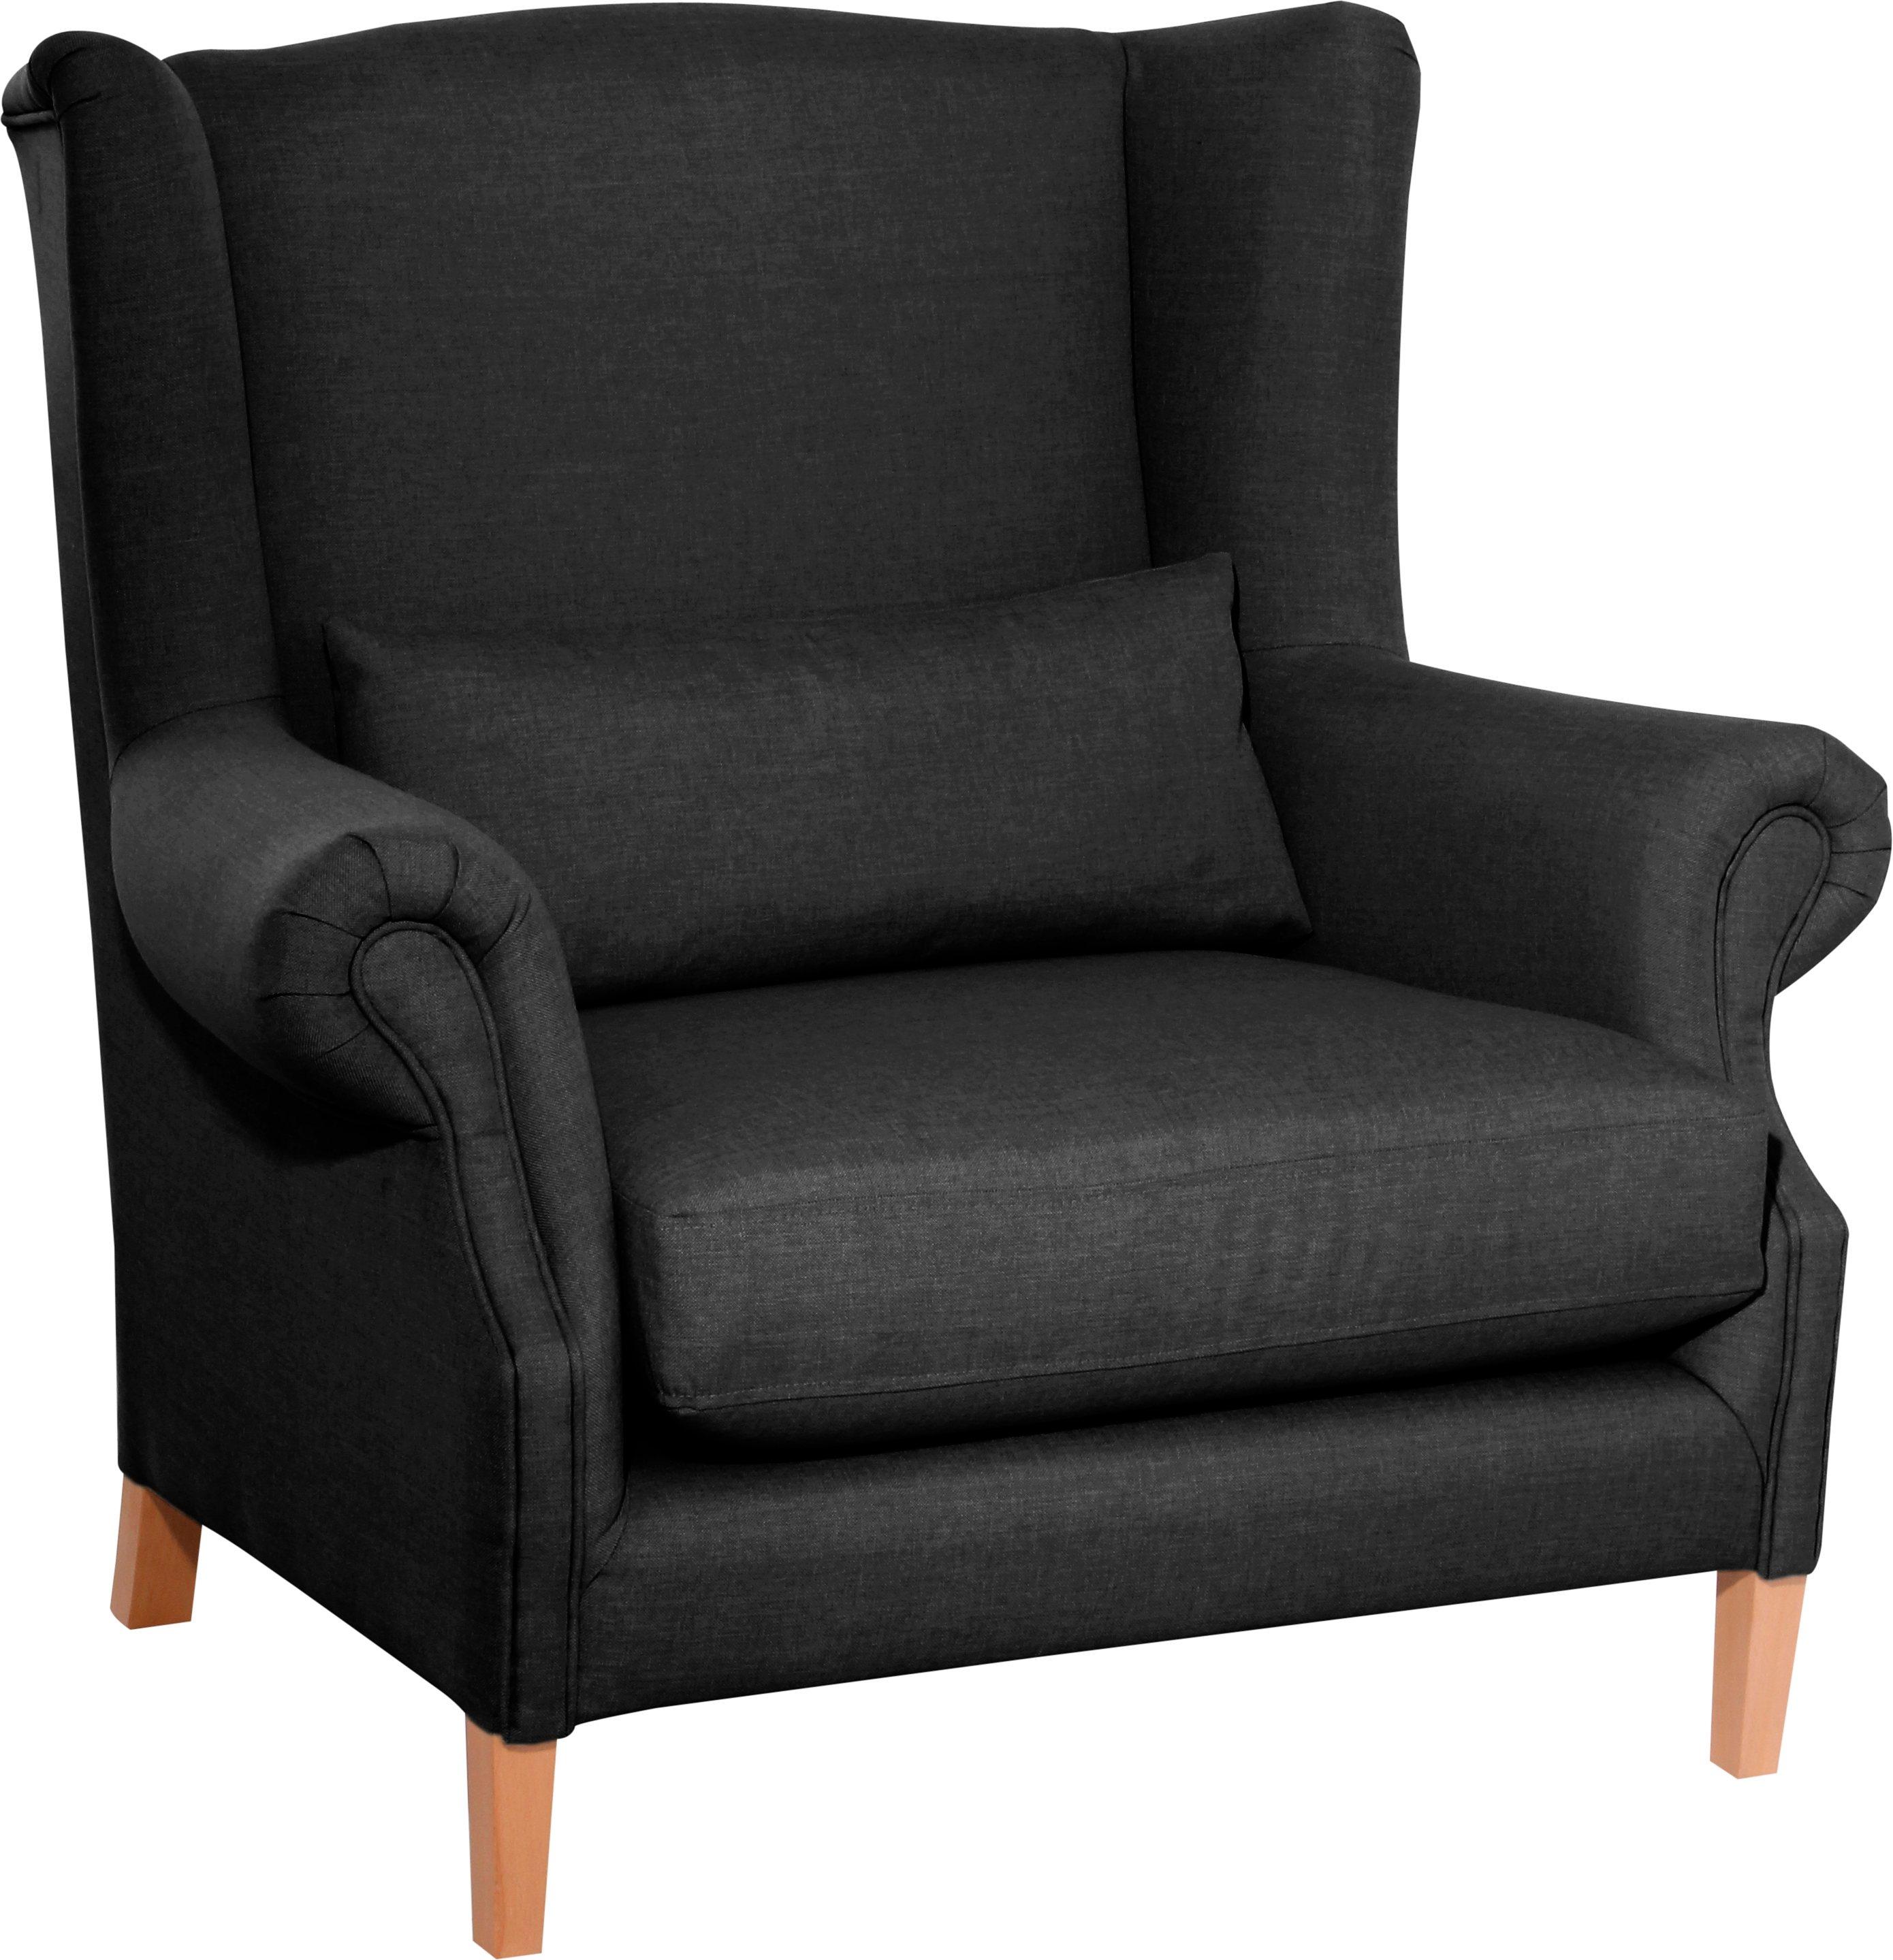 Max Winzer® Ohrensessel »Henry«, inklusive Zierkissen | Wohnzimmer > Sessel > Ohrensessel | Buche - Microfaser | Max Winzer®